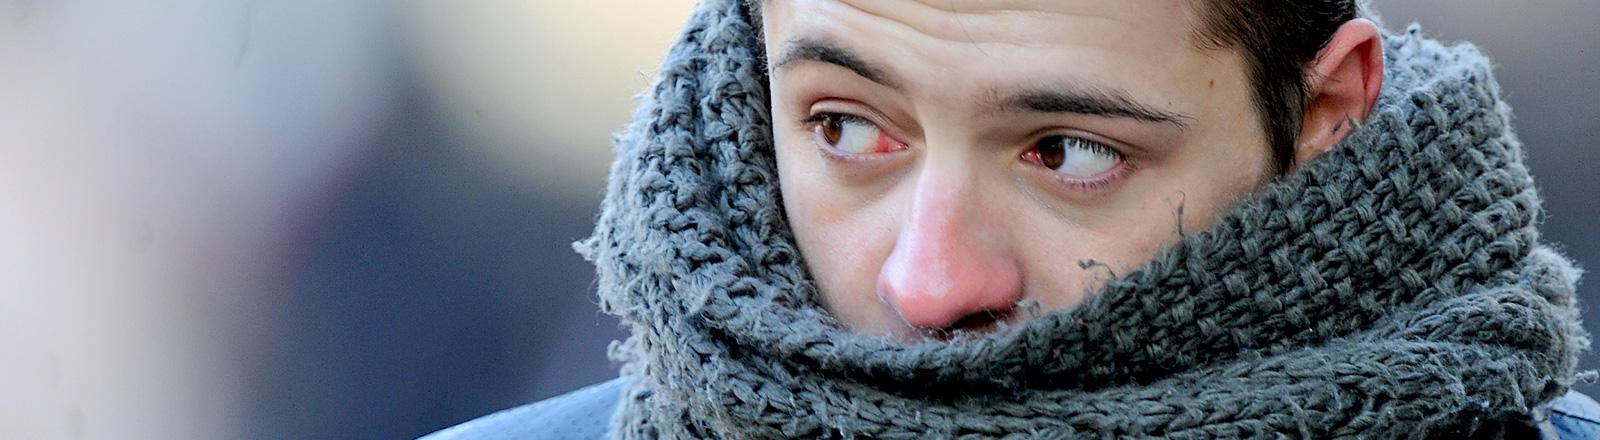 Ein Mann hat einen dicken Schal um seinen Hals gewickelt. Er hat eine gerötete Nase; Bild: dpa